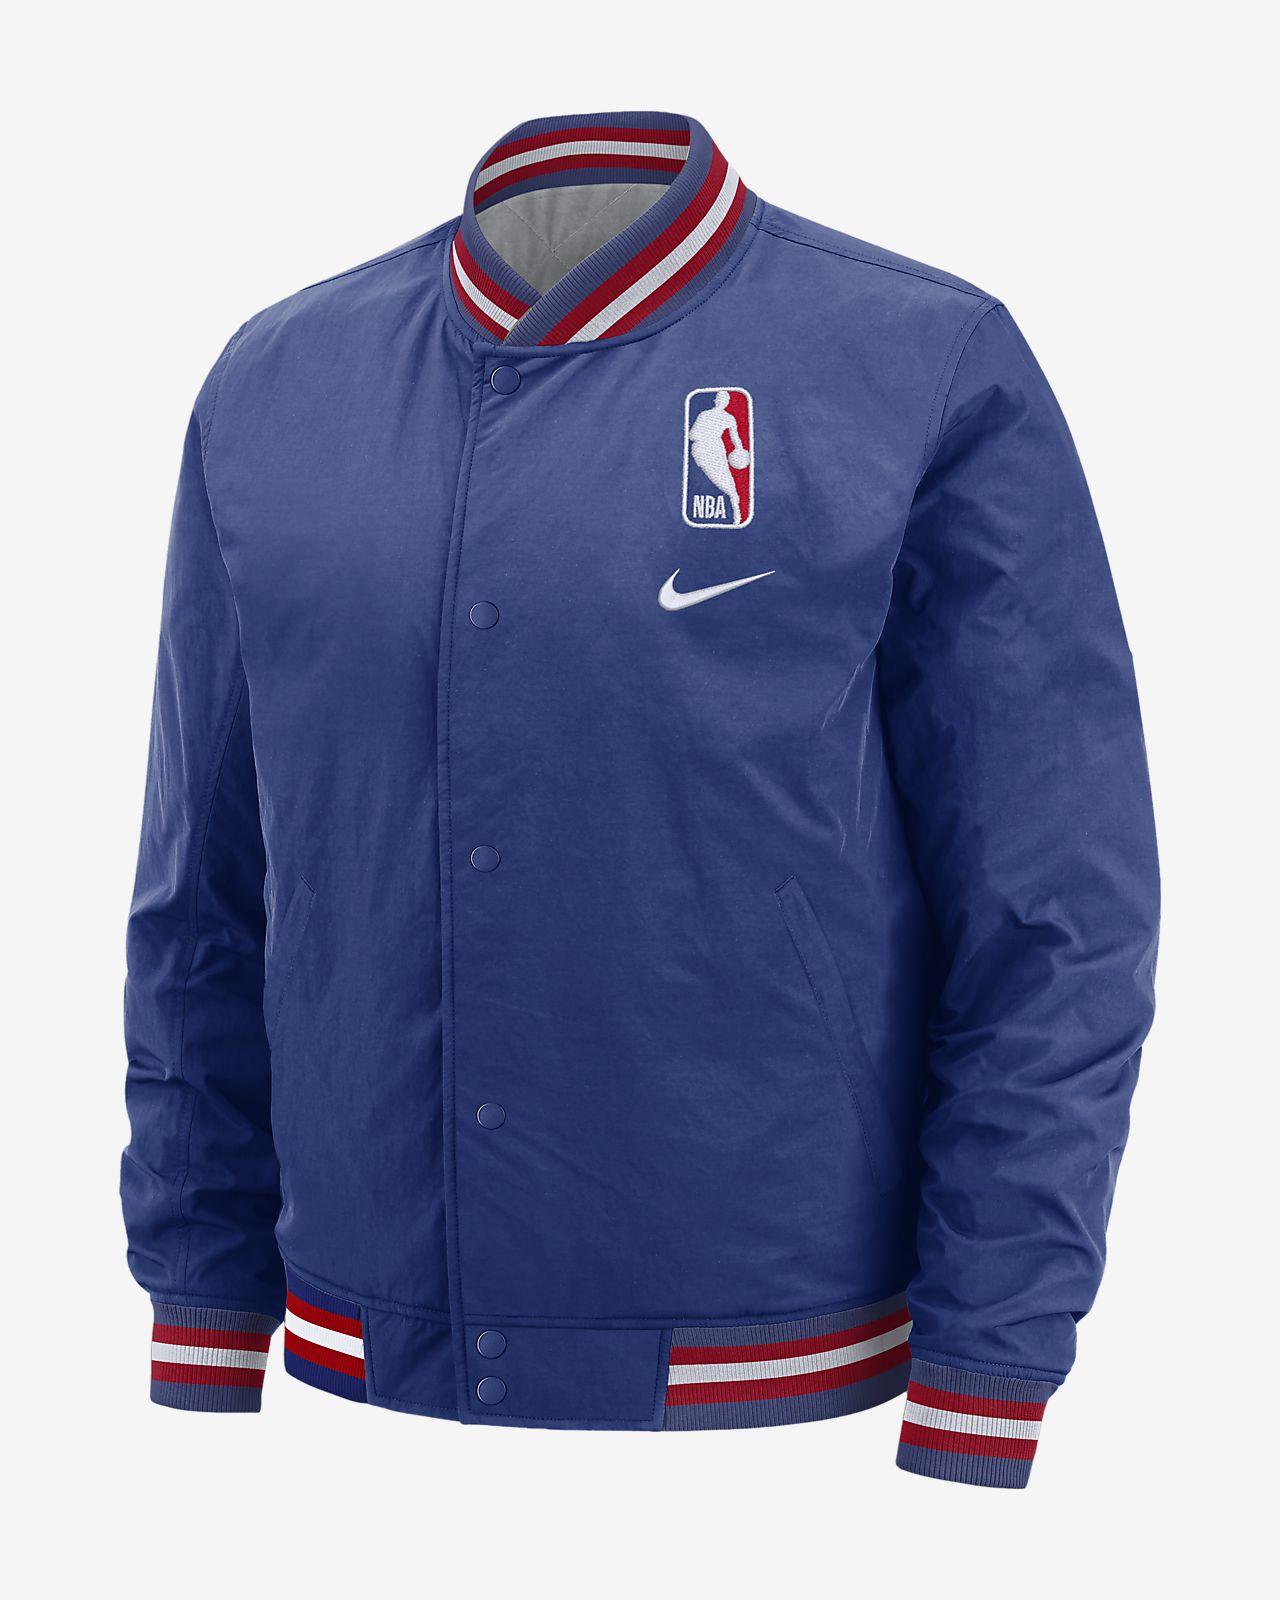 Veste NBA Nike pour Homme